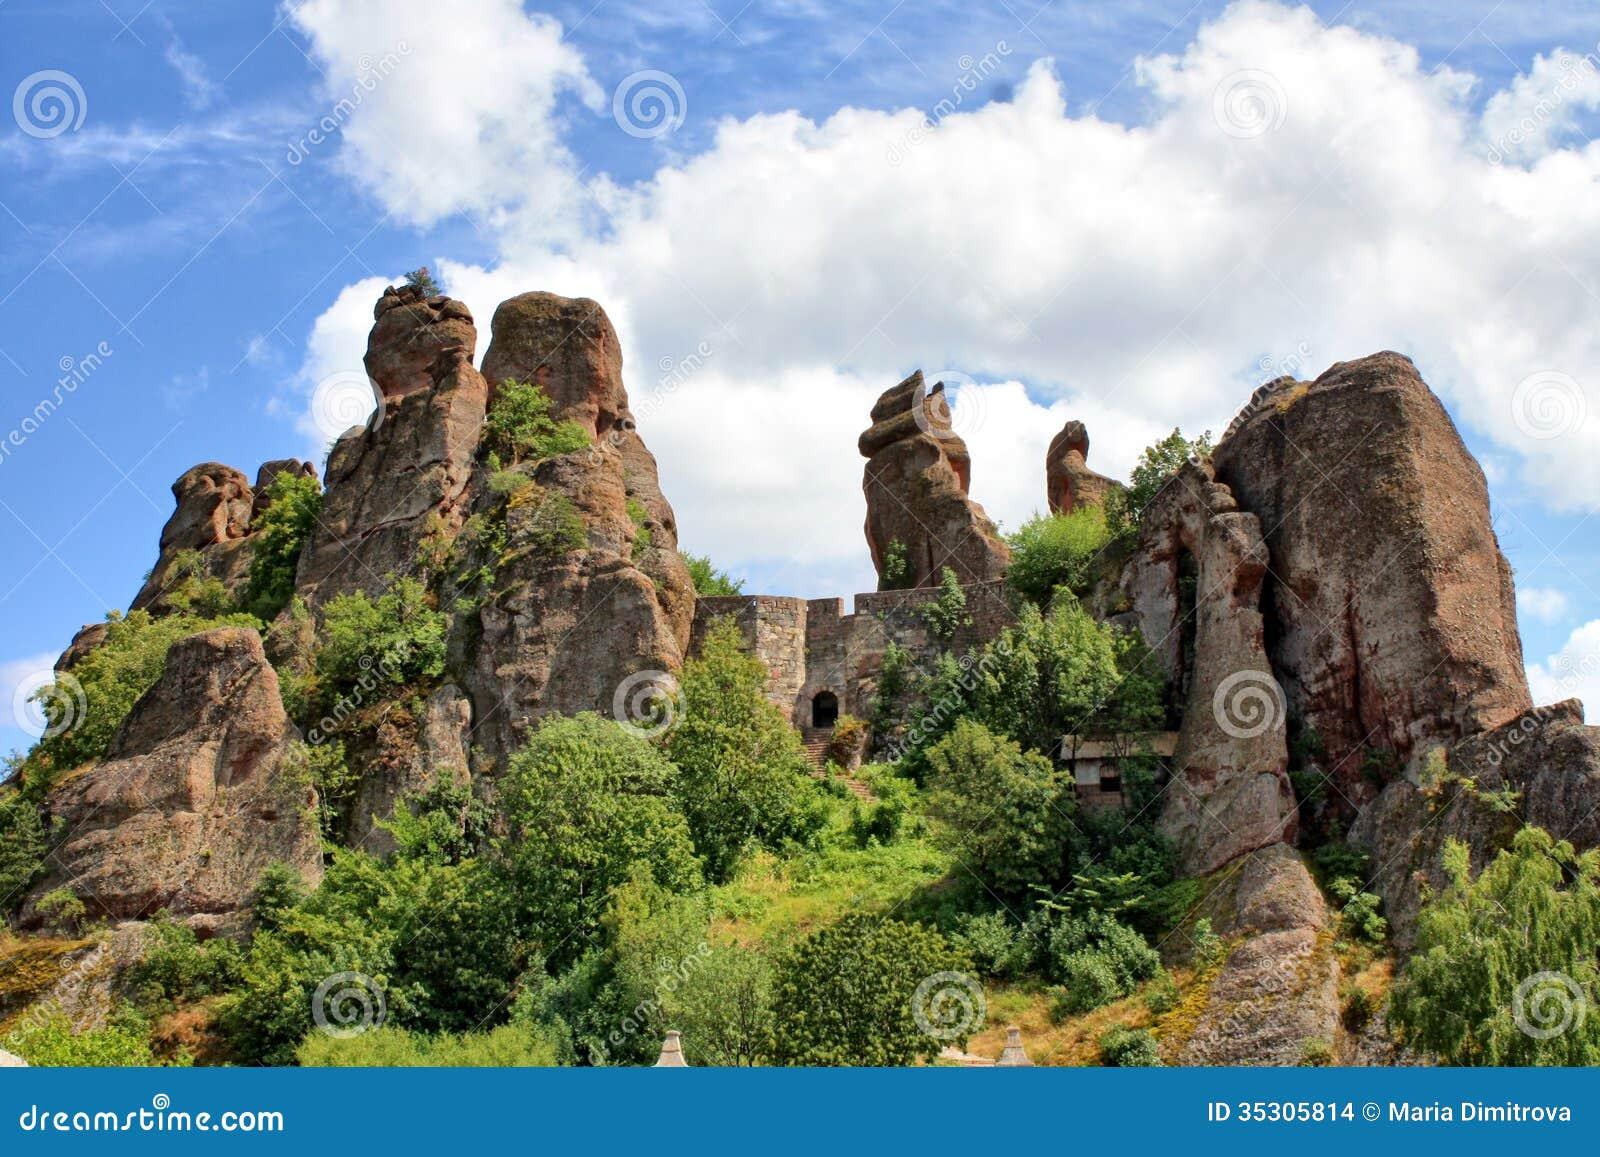 The Belogradchik Rocks Wonder Stock Images Image 35305814